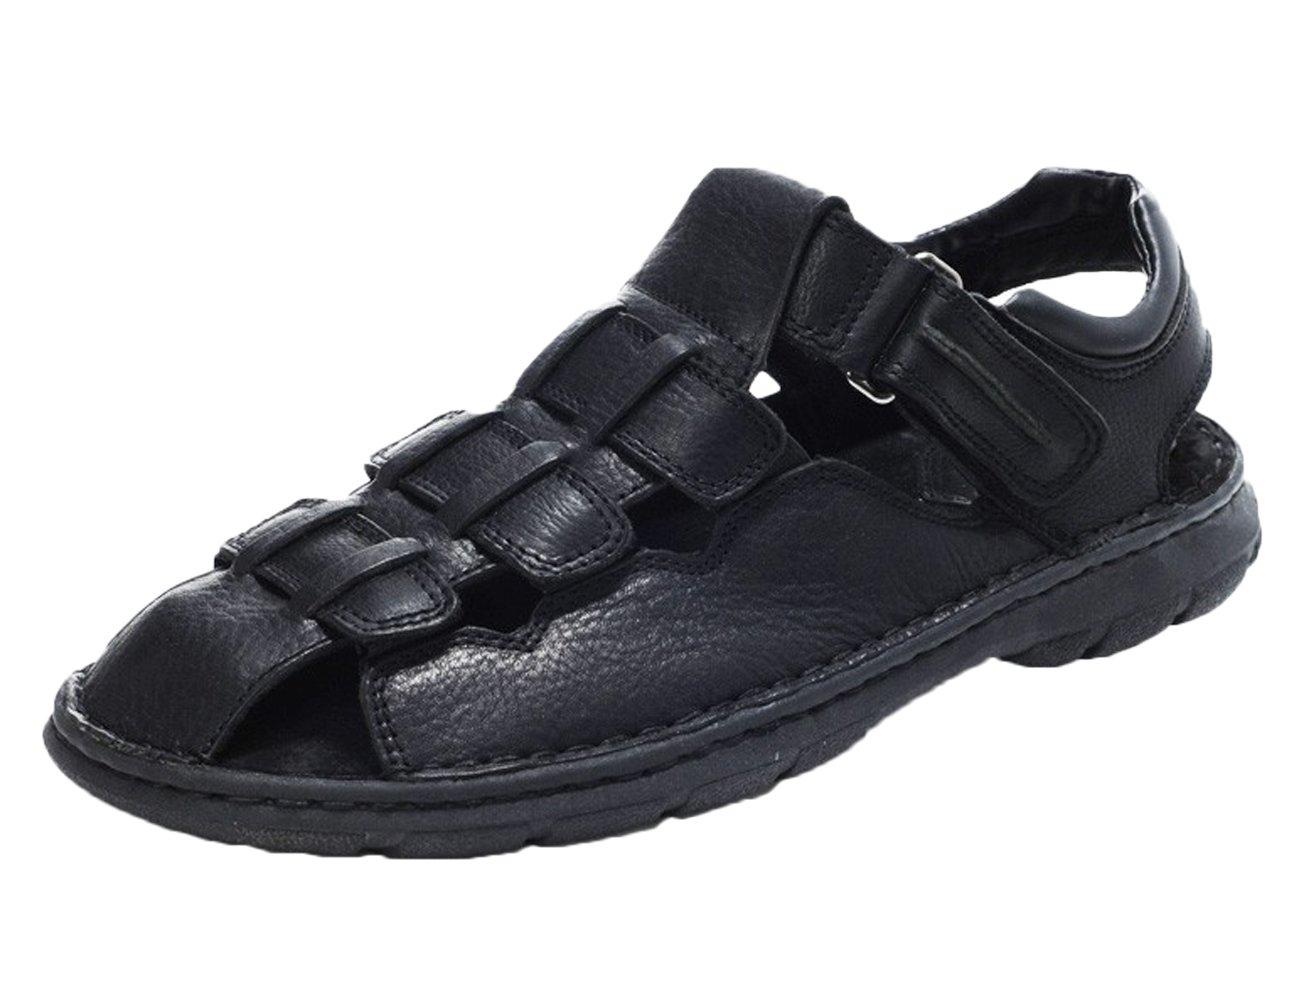 DQQ Hombres del Crazy Horse piel sandalias de pescador 41 1/3 EU|negro